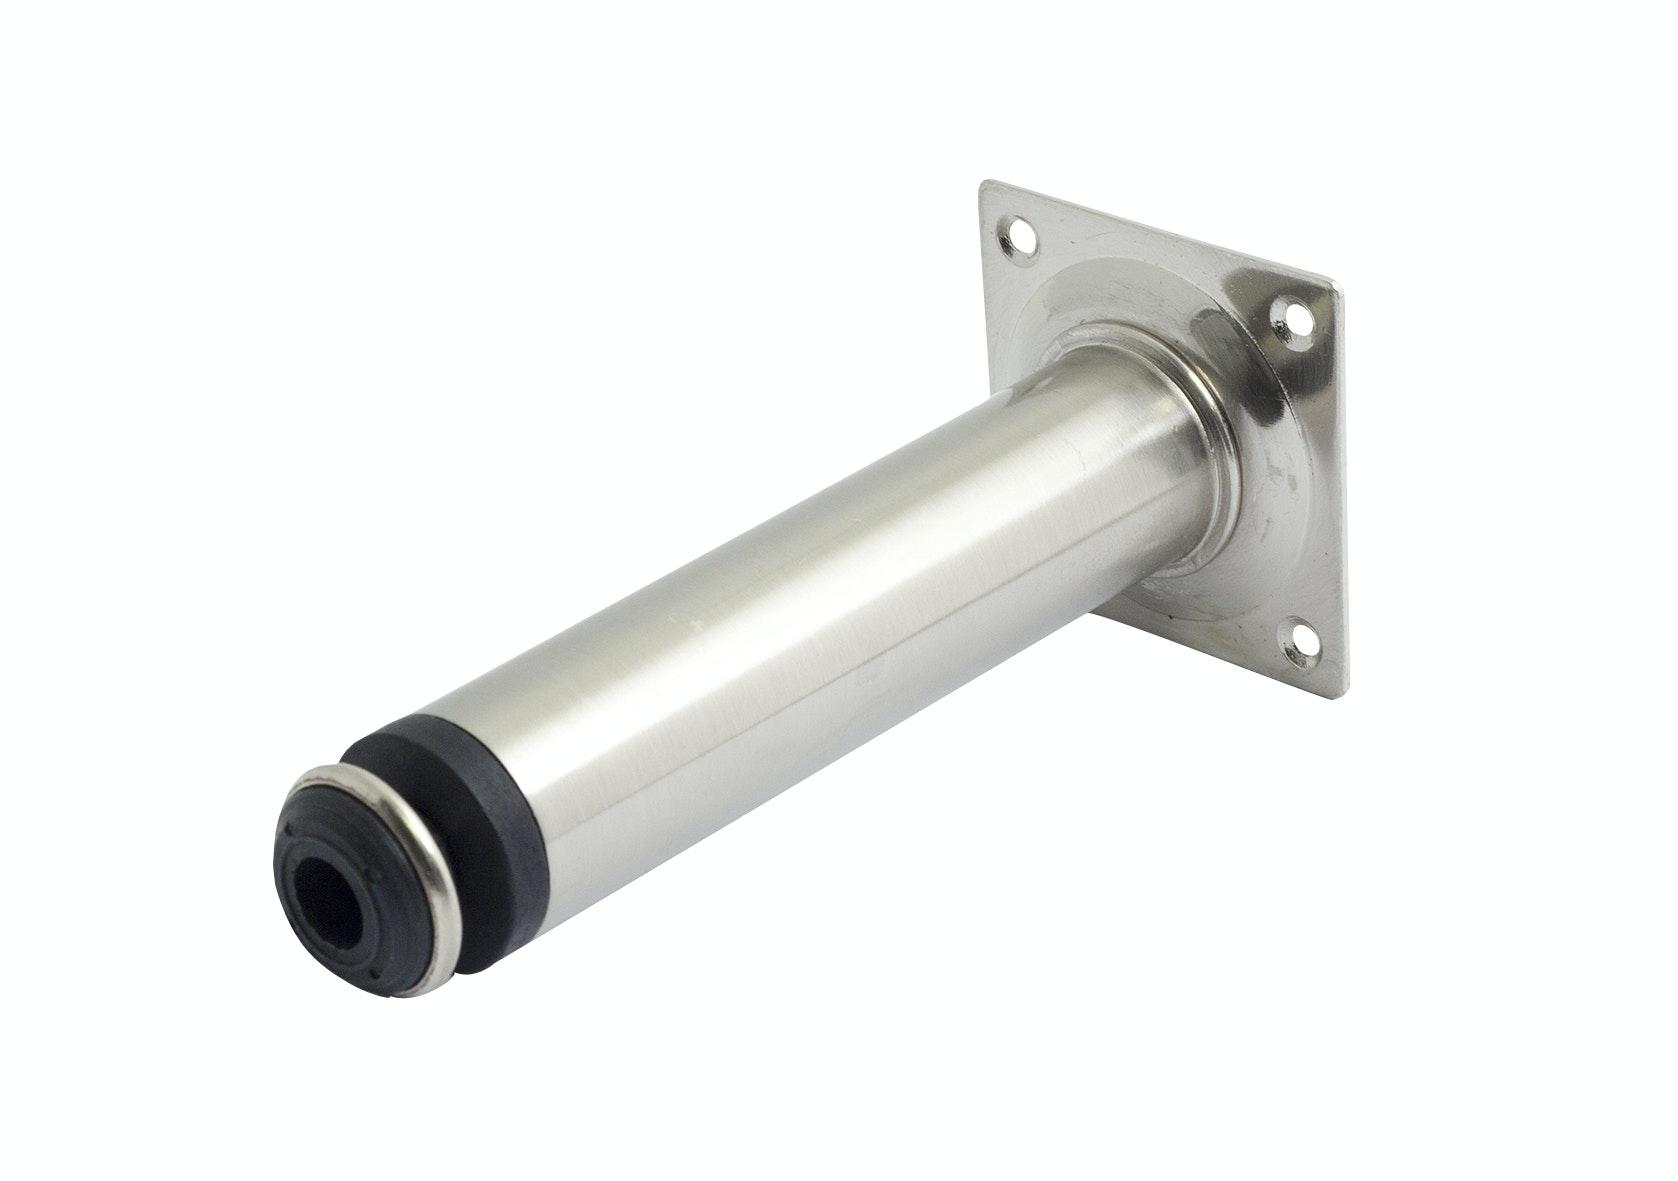 Bordsben Habo 511 Matt Nickel 30X700mm